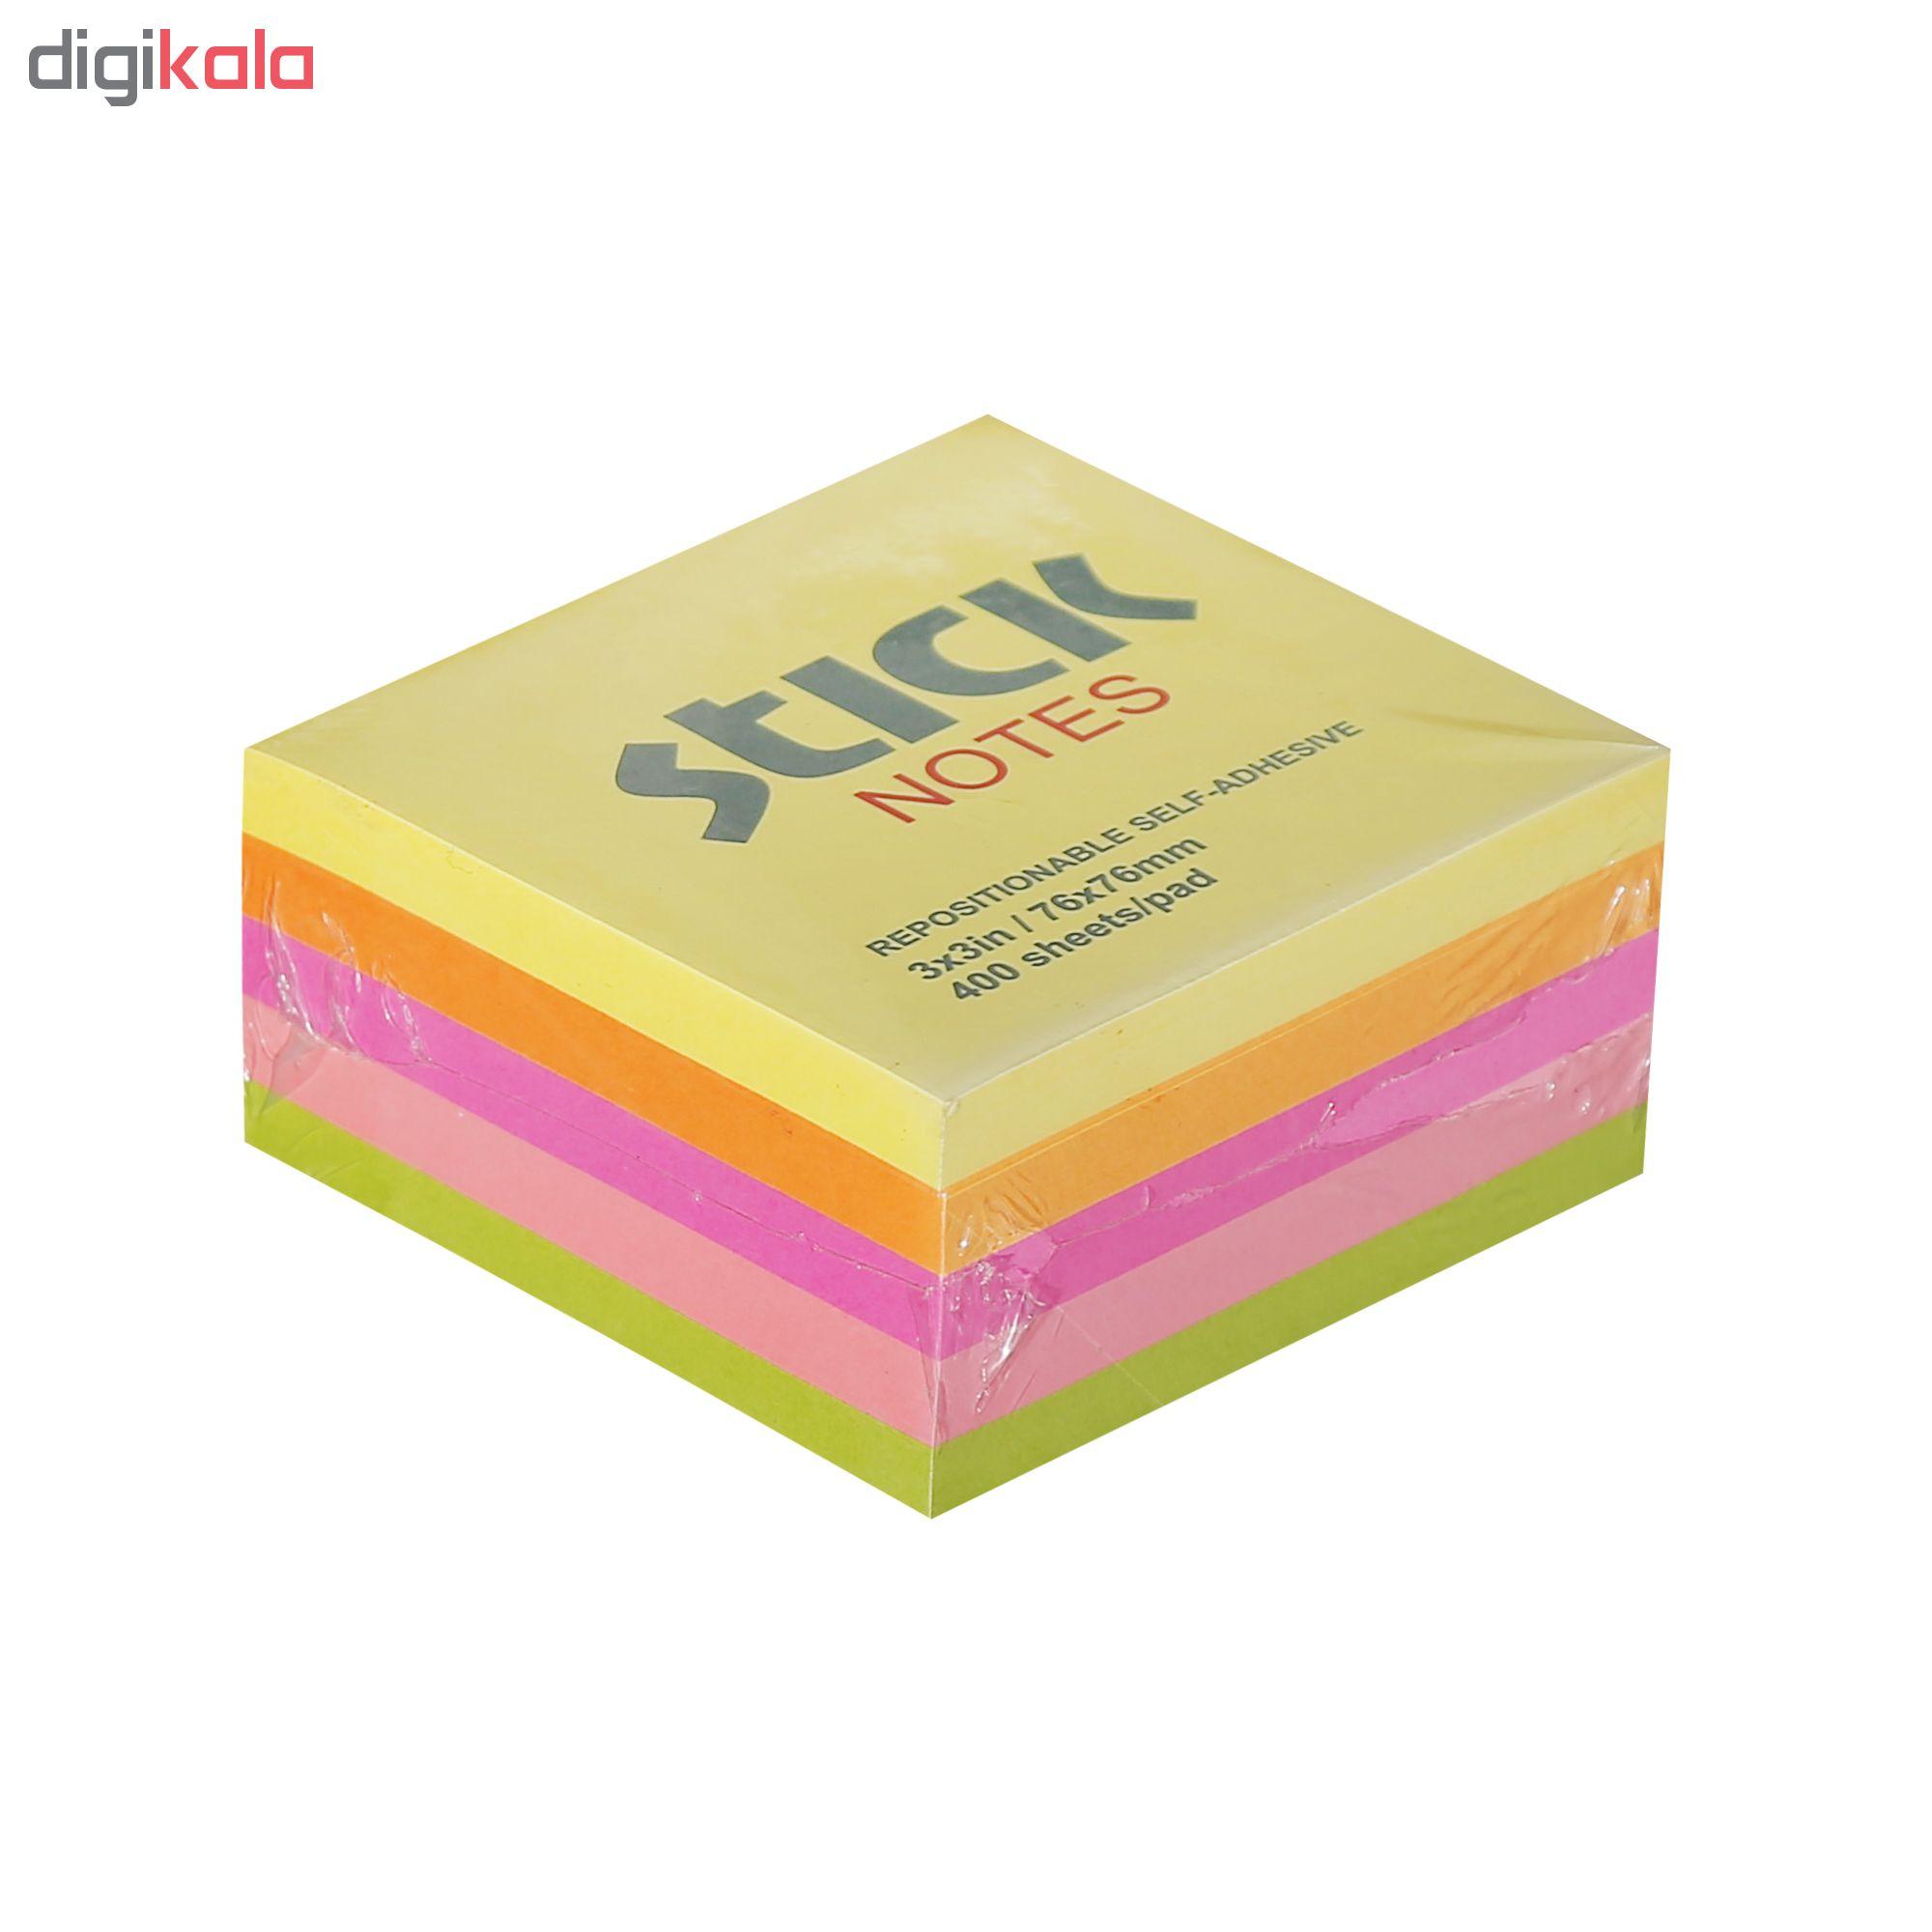 کاغذ یادداشت چسب دار استیک نوت کد 10 بسته سه عددی main 1 2